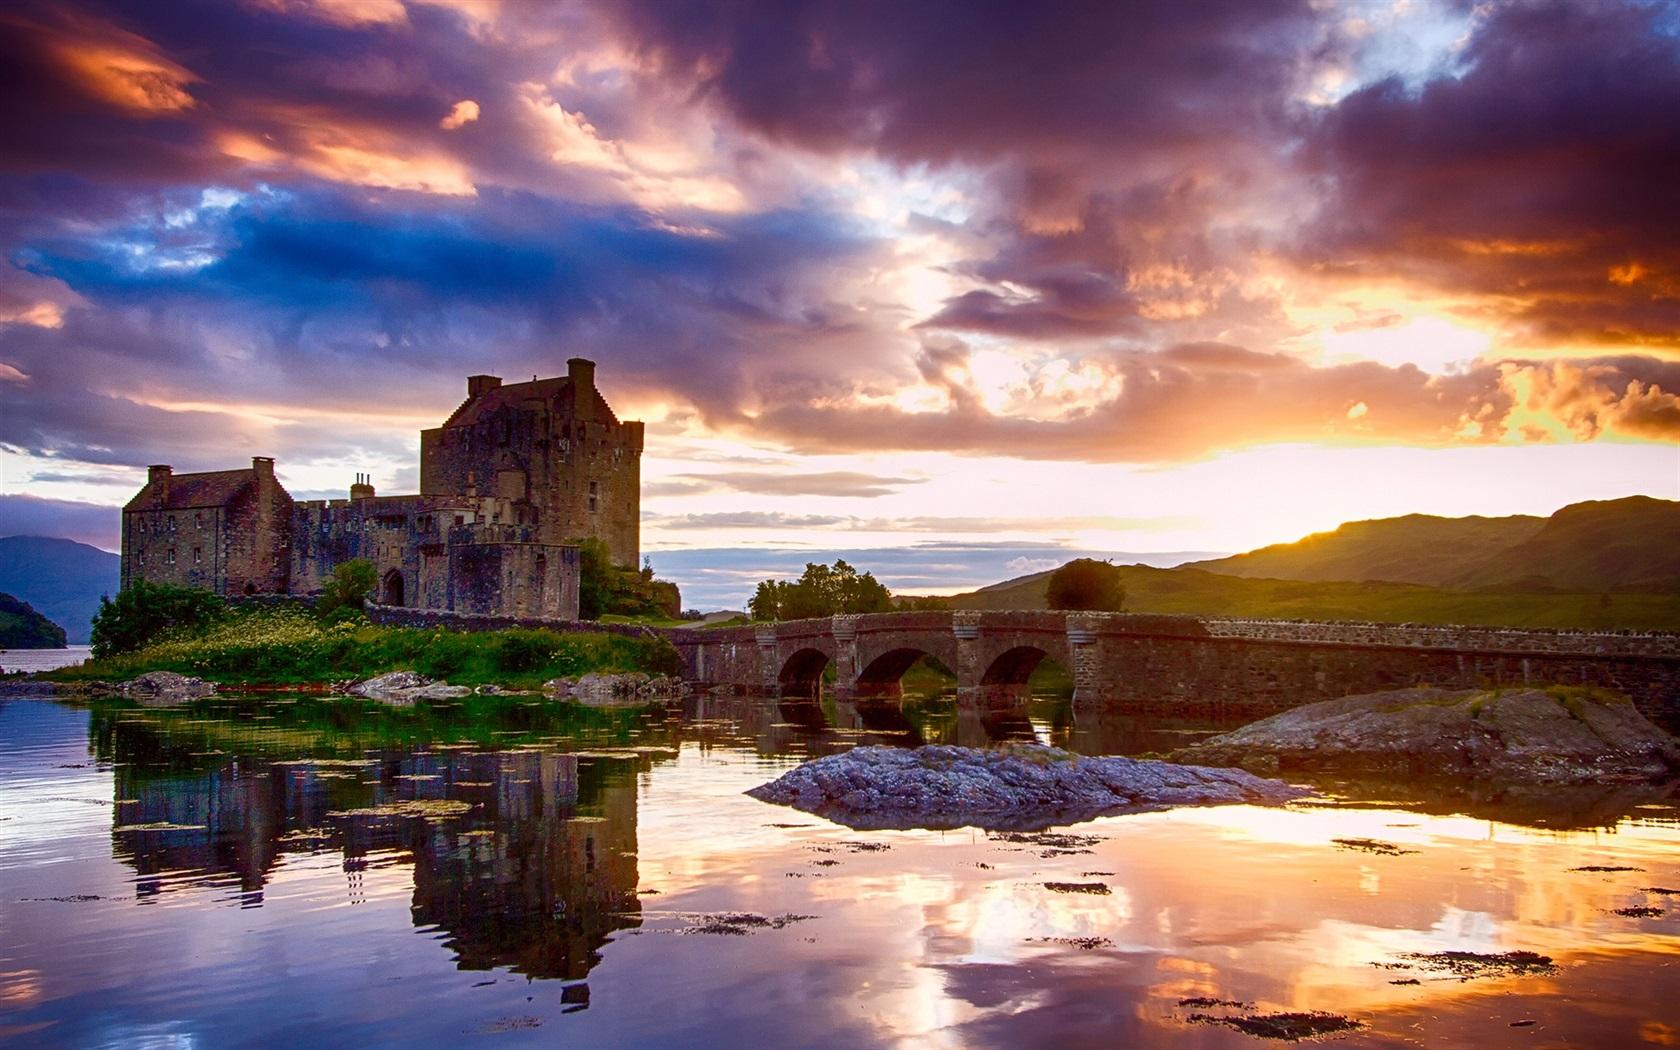 Schottland, Schloss, Wasser Reflexion, Himmel, Wolken